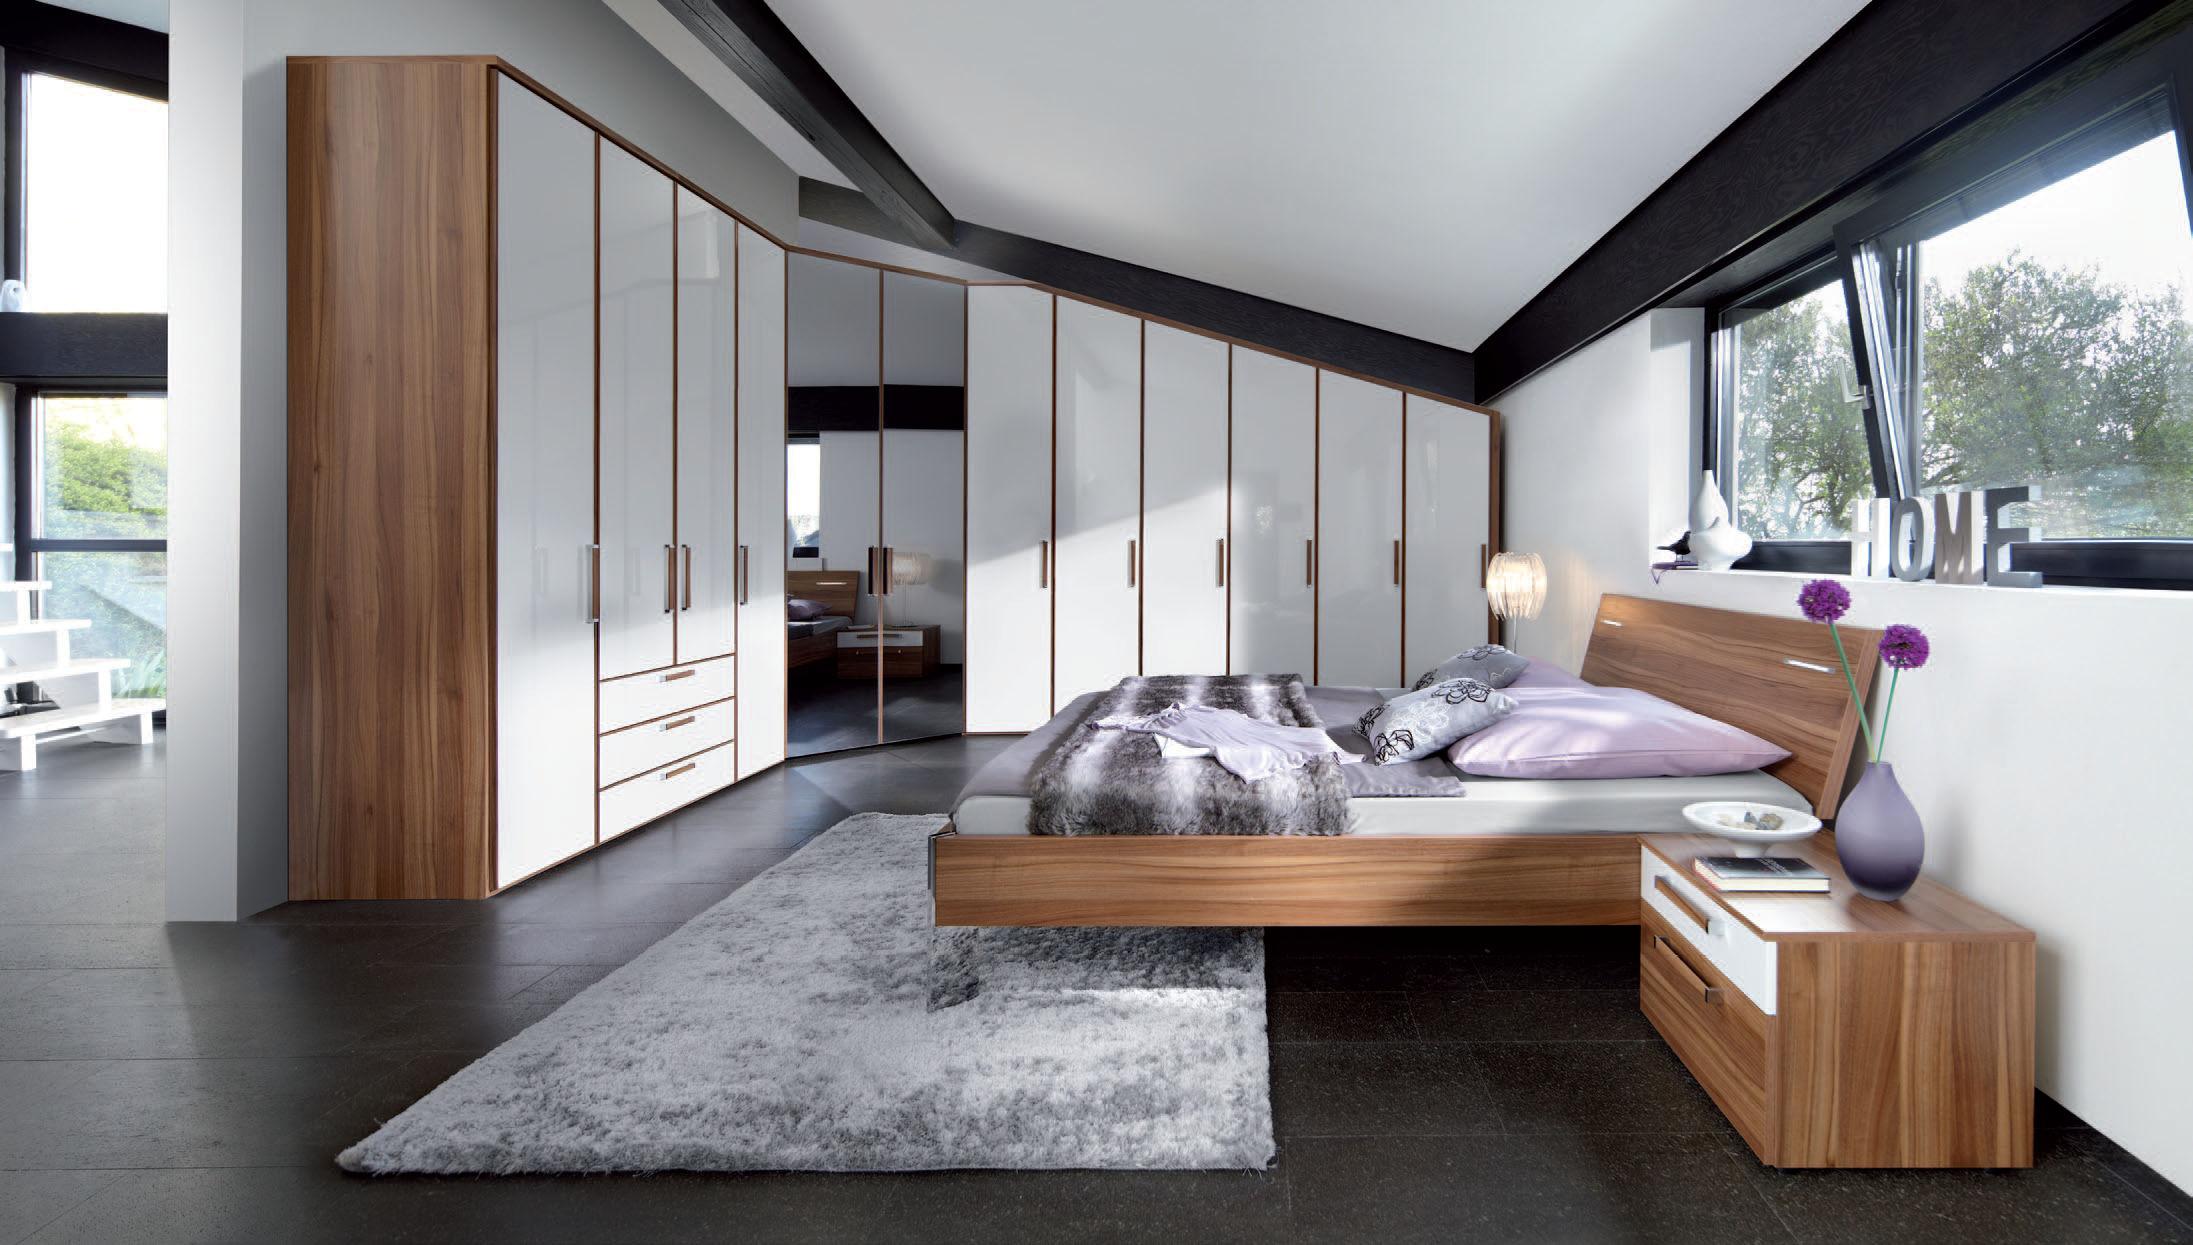 Угловой шкаф в интерьере спальни в доме